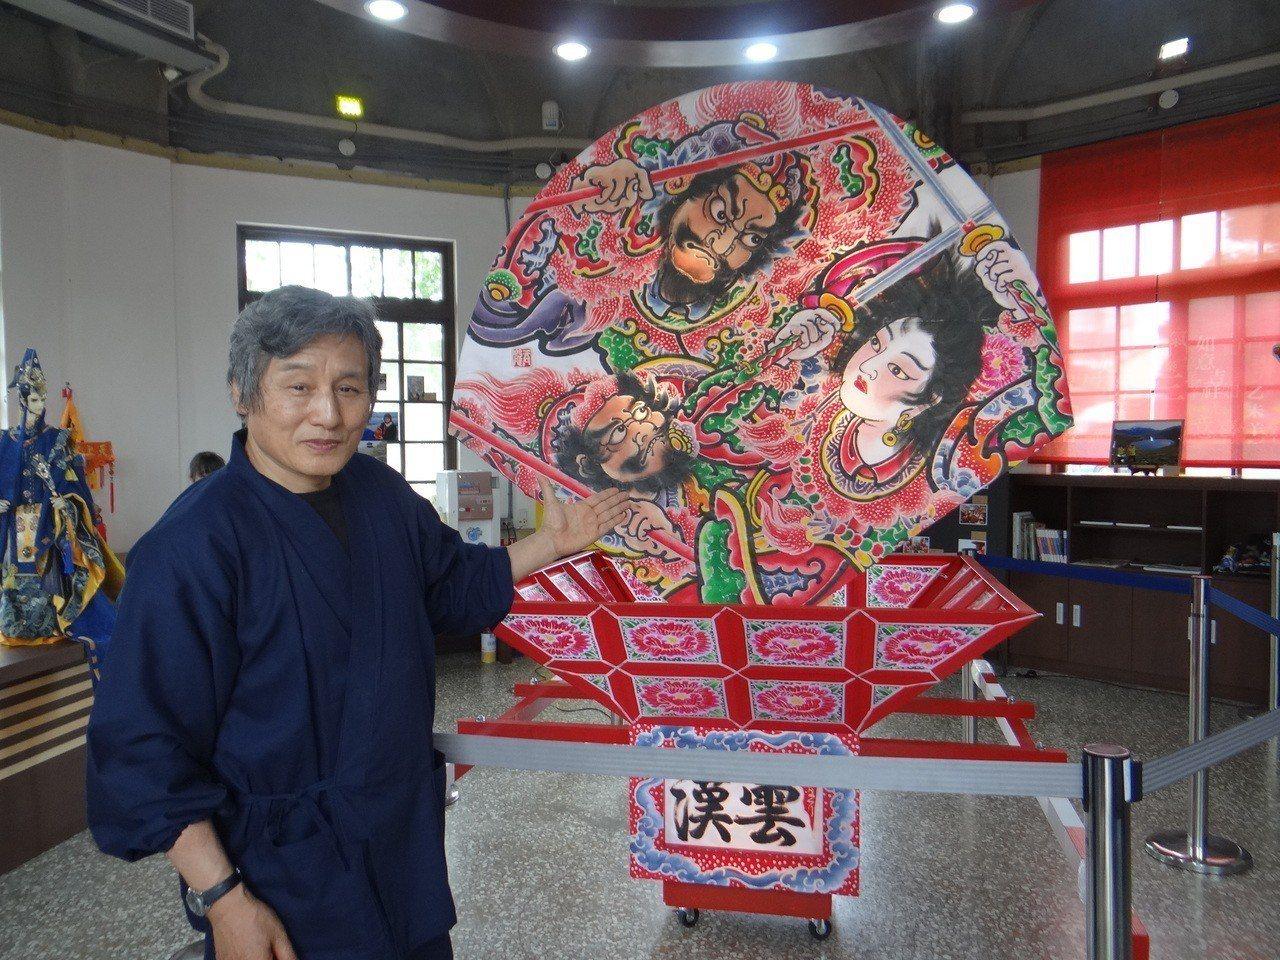 日本弘前市三浦吞龍燈藝大師受邀到北港交流,並製作日本最有名的「睡魔祭」扇形燈籠花...